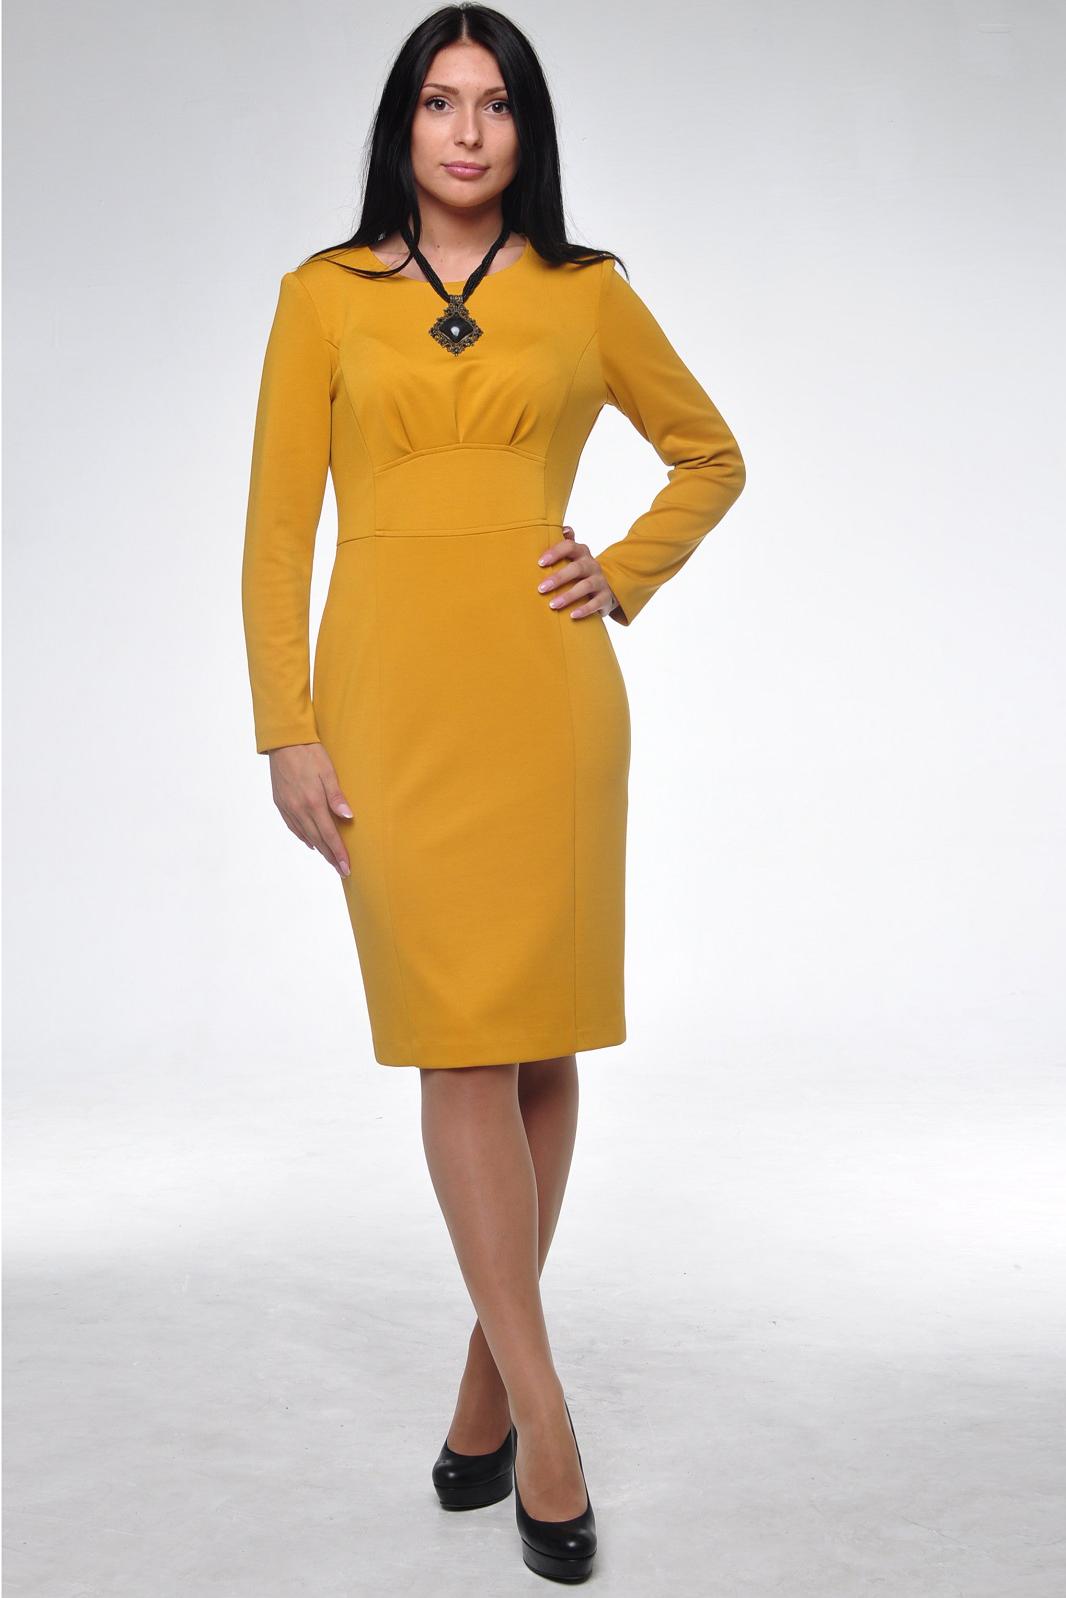 ПлатьеПлатья<br>Безупречный образ в этом элегантном платье Вам обеспечен Оно выполнено из плотного высококачественного джерси, которое в процессе носки не подвержено образованию катышков. Стройный силуэт помогает создать деталь, подчеркивающая талию. На спинке молния, юбка-карандаш со шлицей. Рукав цельнокройный, длинный. Прекрасный вариант платья на любой случай.  Цвет: желтый  Ростовка изделия 170 см.<br><br>Горловина: С- горловина<br>По длине: Ниже колена<br>По материалу: Вискоза,Трикотаж<br>По образу: Город,Офис,Свидание<br>По рисунку: Однотонные<br>По силуэту: Полуприталенные<br>По стилю: Офисный стиль,Повседневный стиль<br>По форме: Платье - футляр<br>По элементам: С разрезом<br>Разрез: Короткий,Шлица<br>Рукав: Длинный рукав<br>По сезону: Осень,Весна<br>Размер : 50<br>Материал: Джерси<br>Количество в наличии: 1